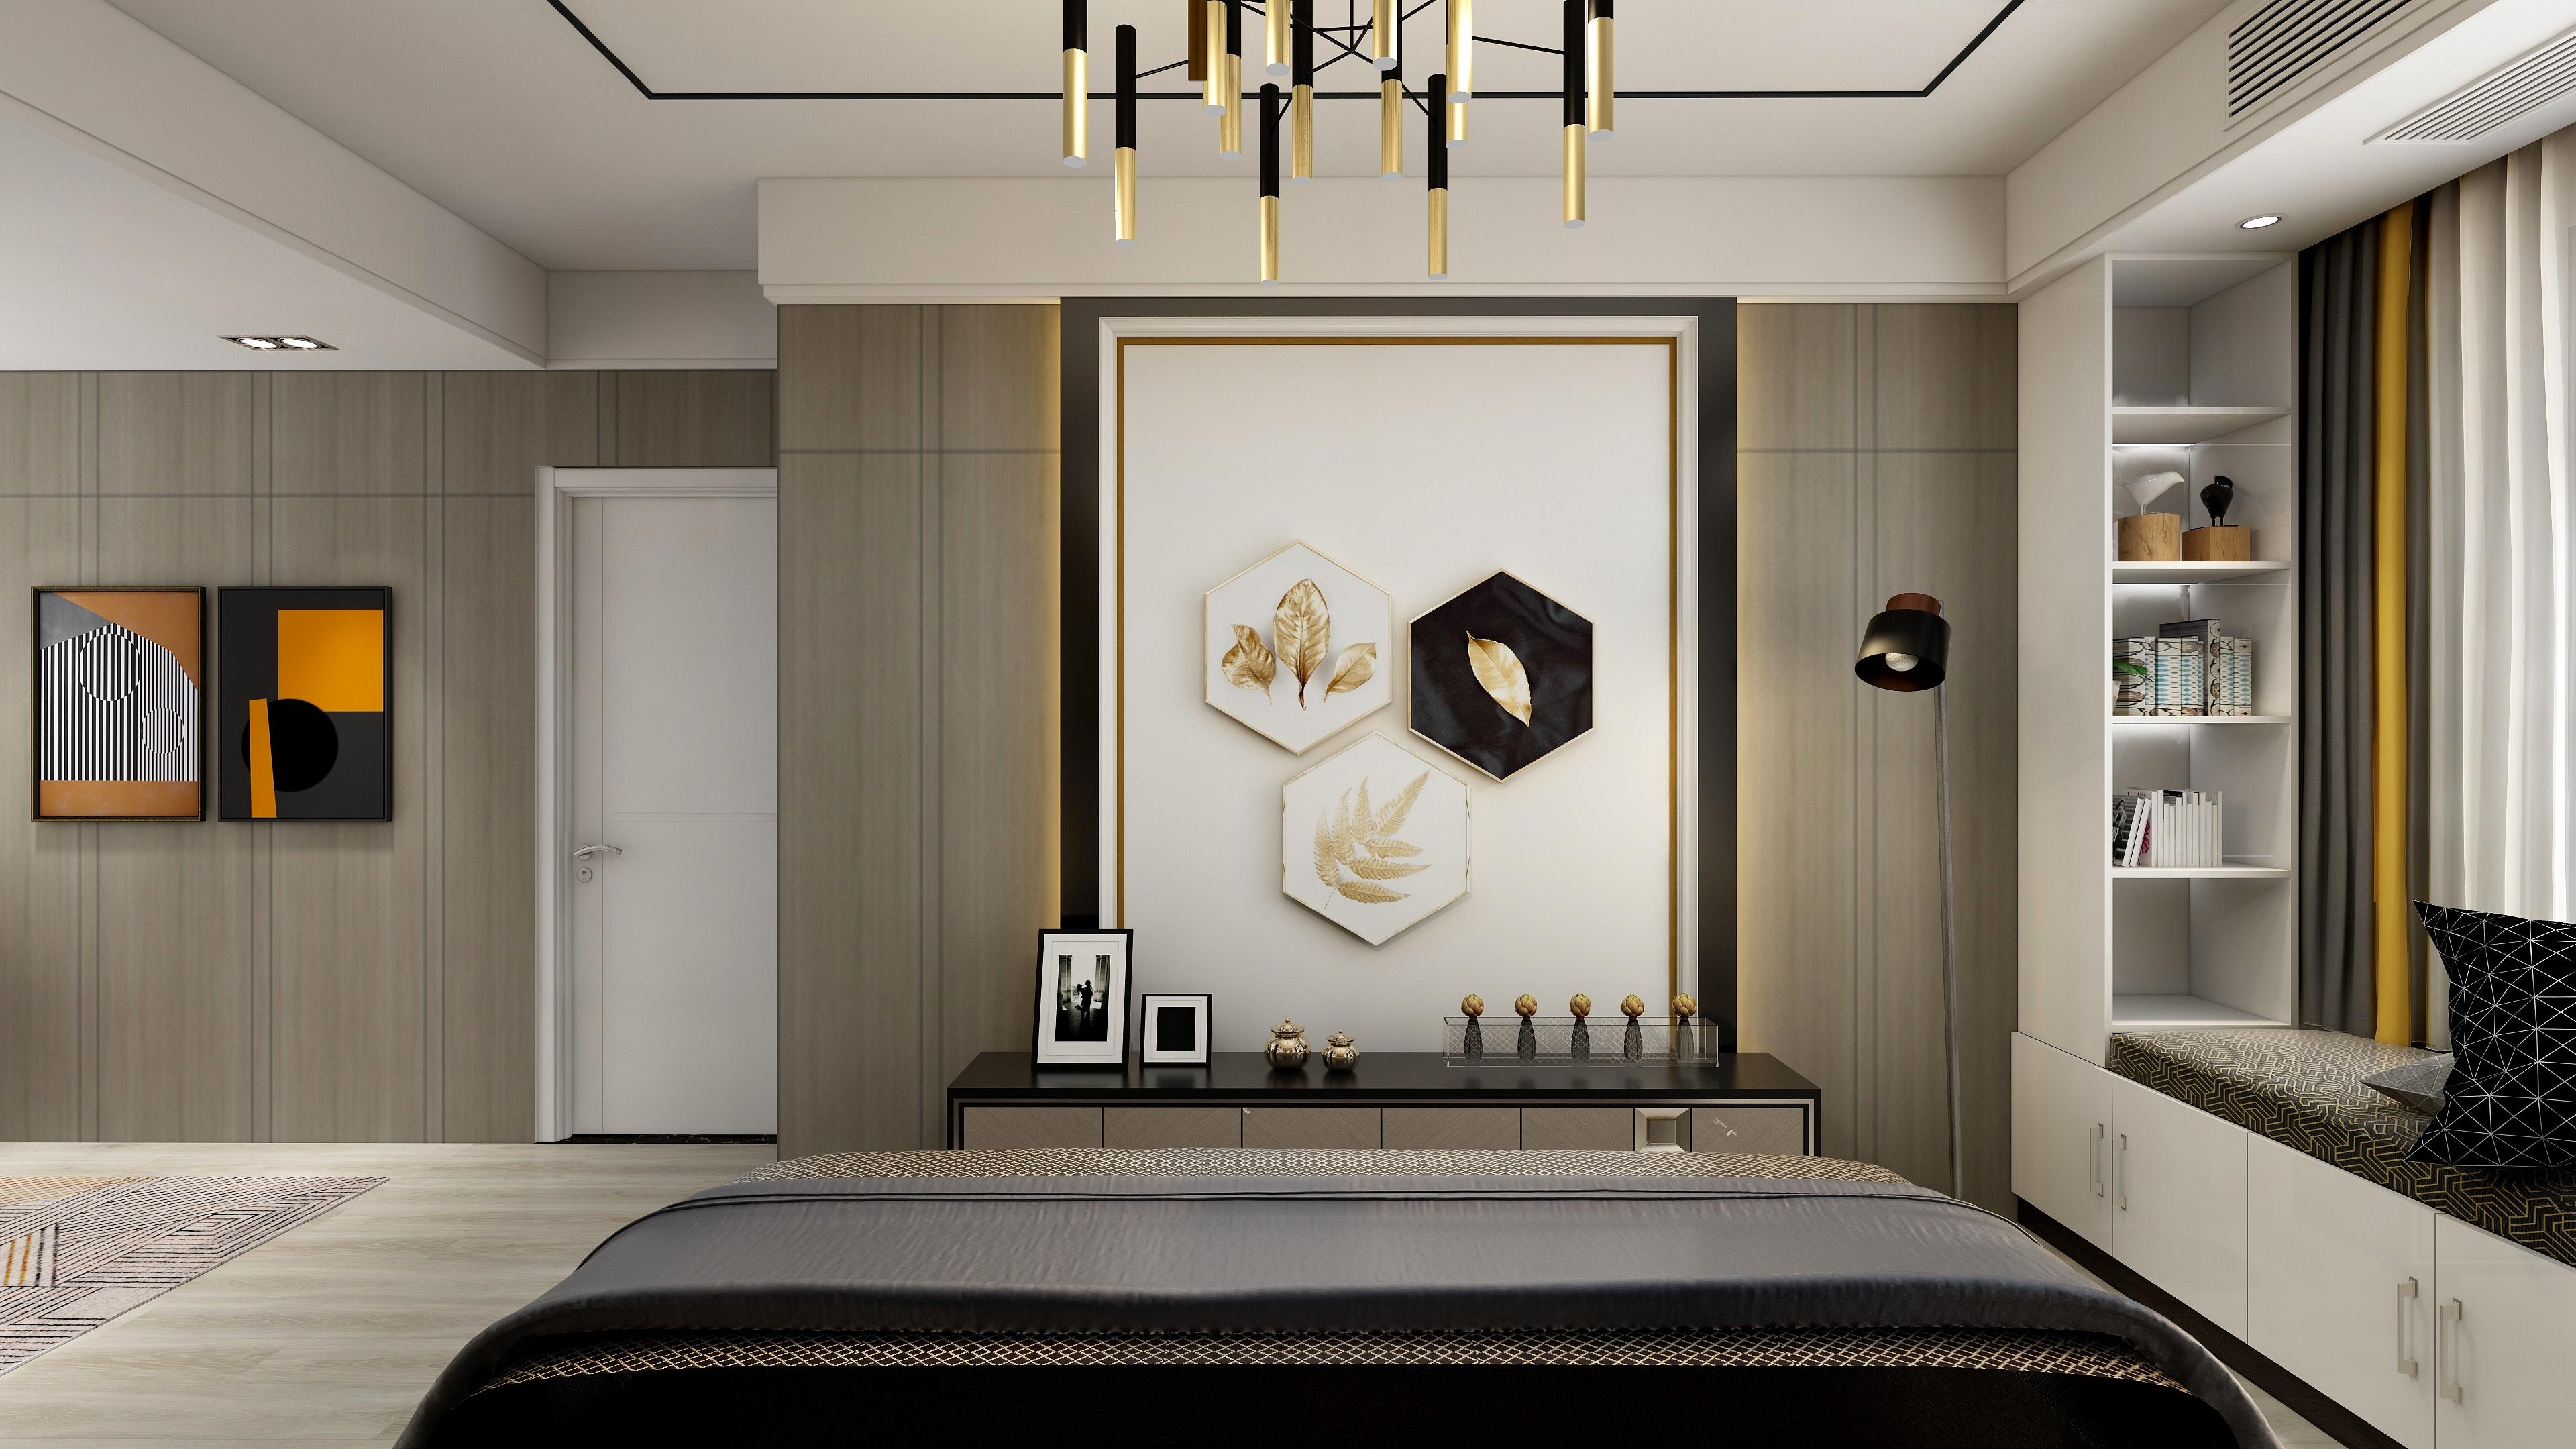 130㎡后现代风格卧室墙面装修效果图